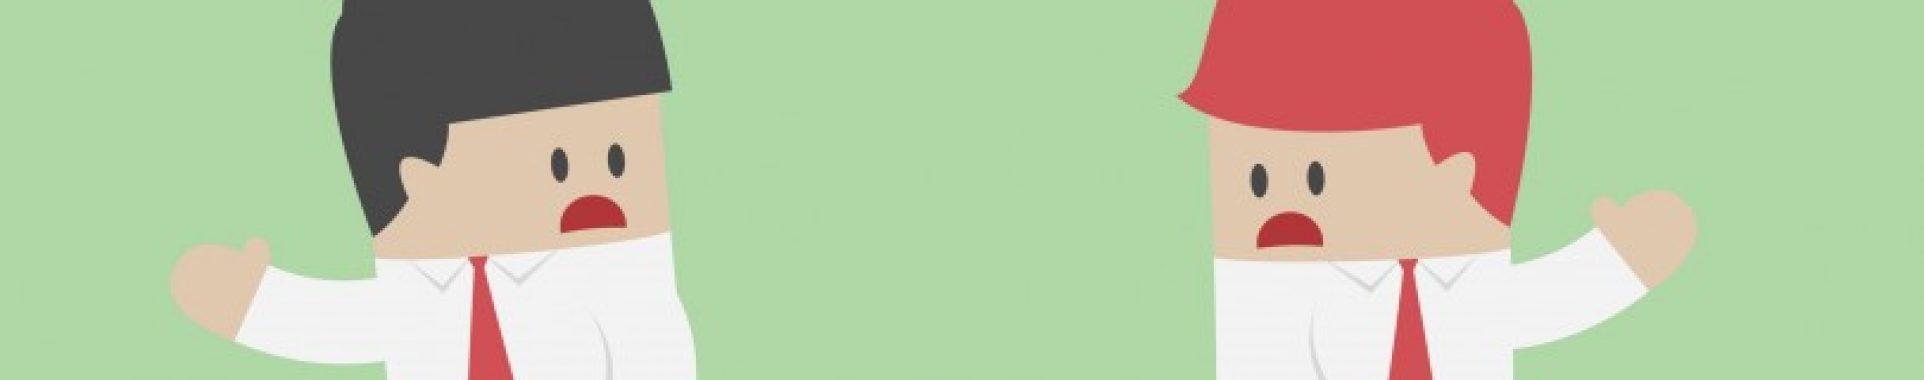 mejor-autonomo-o-sociedad-limitada-810x515